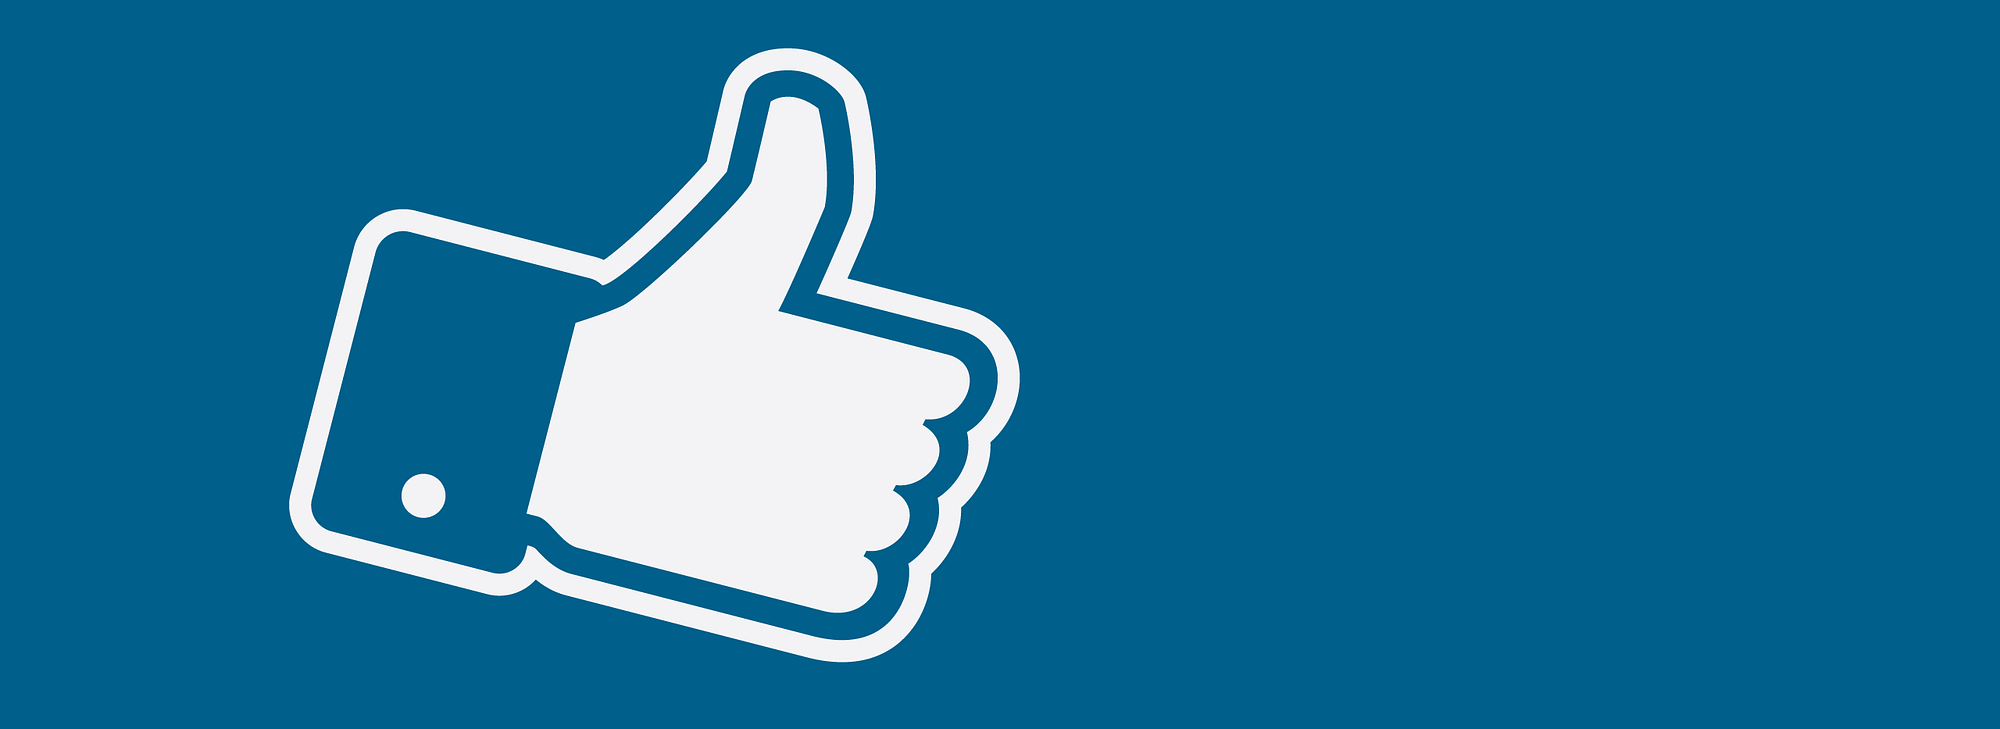 Facebook like – ilustracija